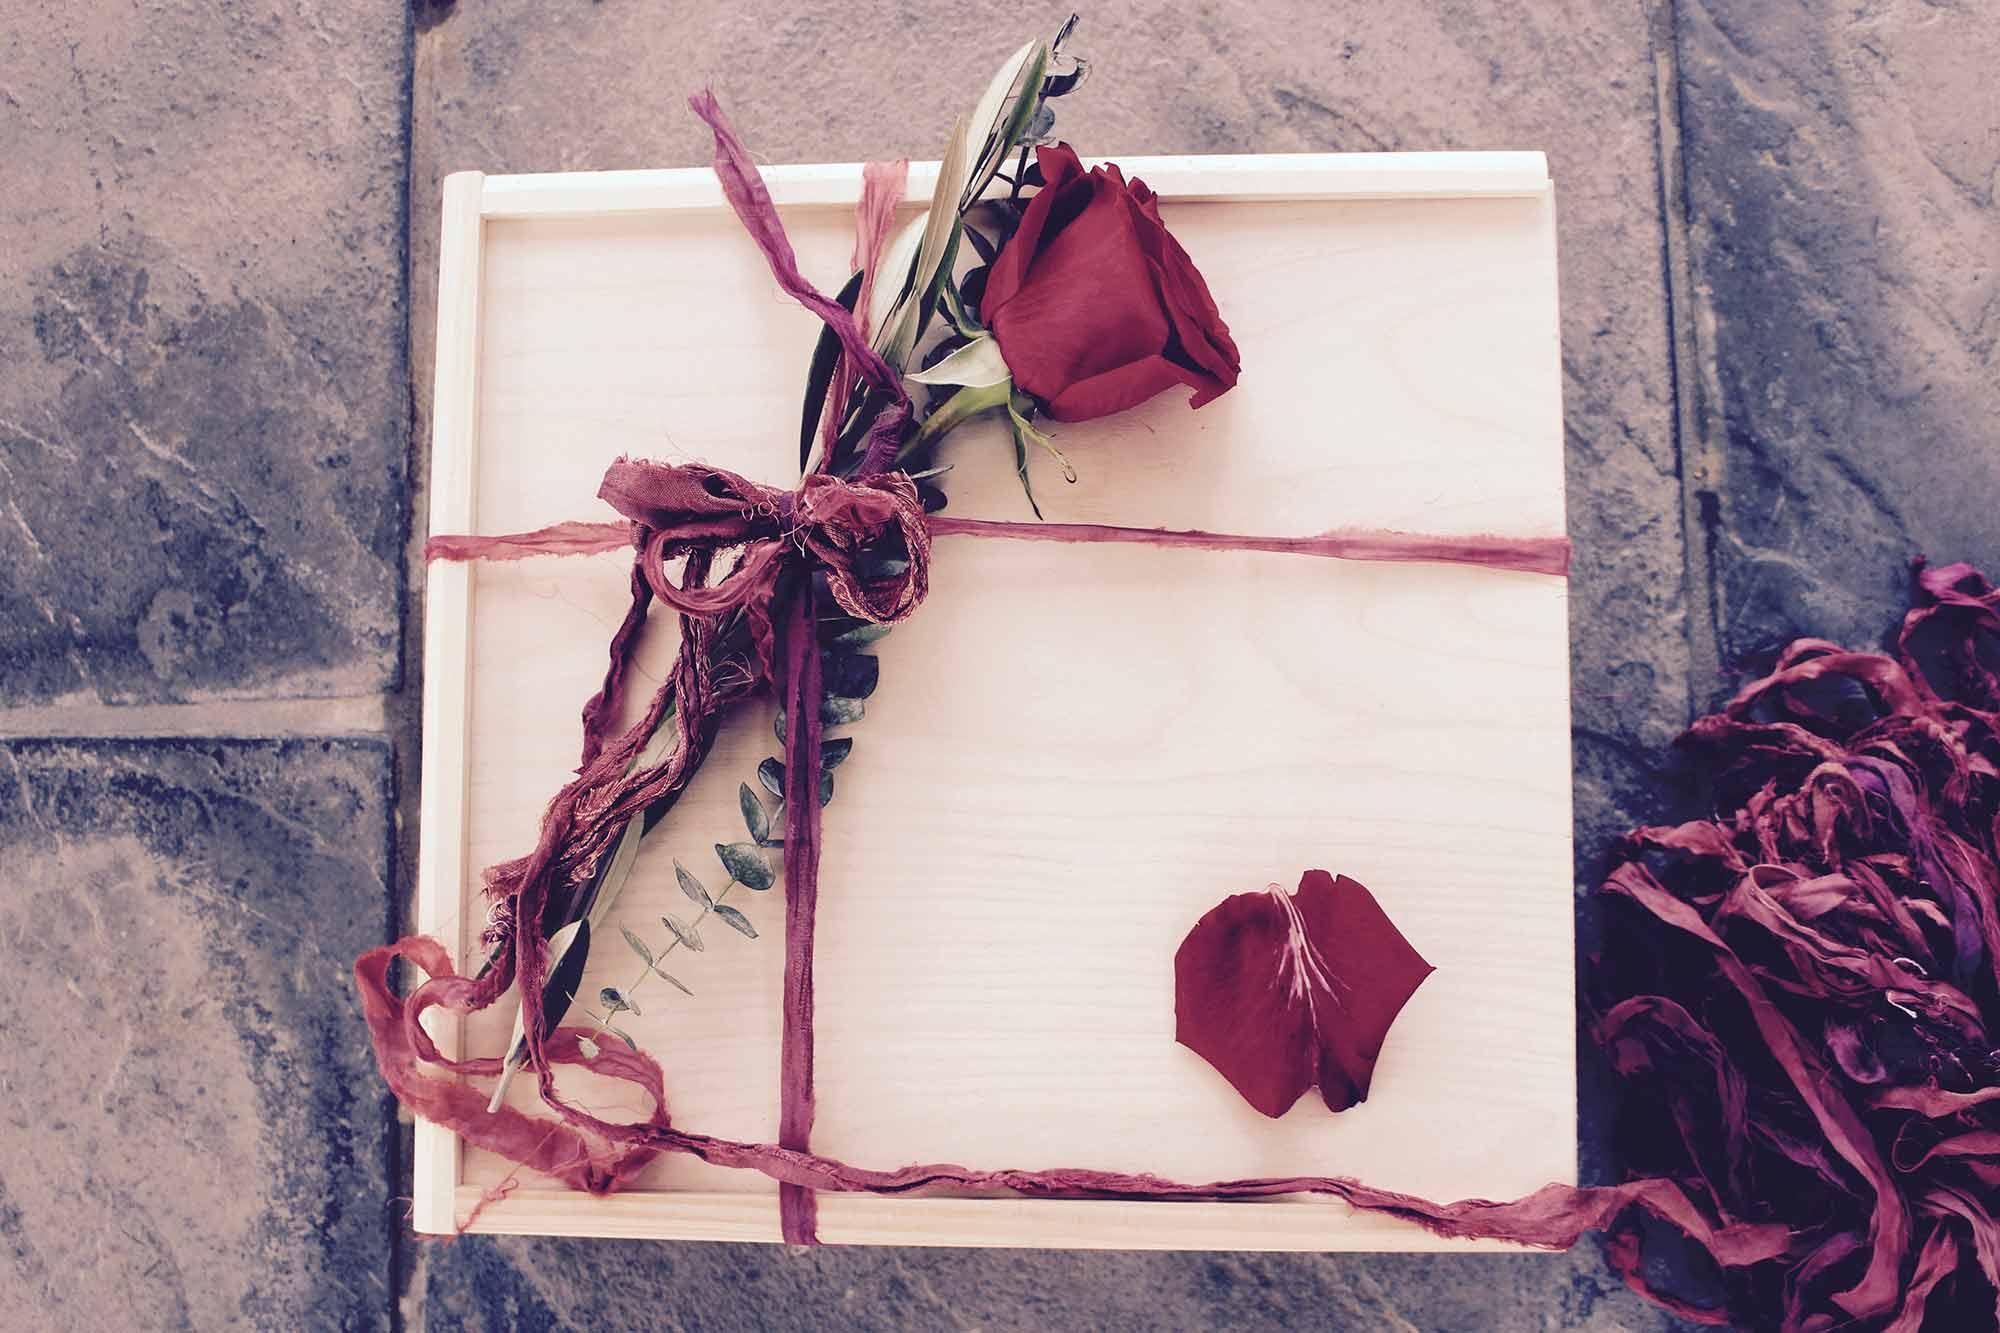 Lovebird_Rose.jpg